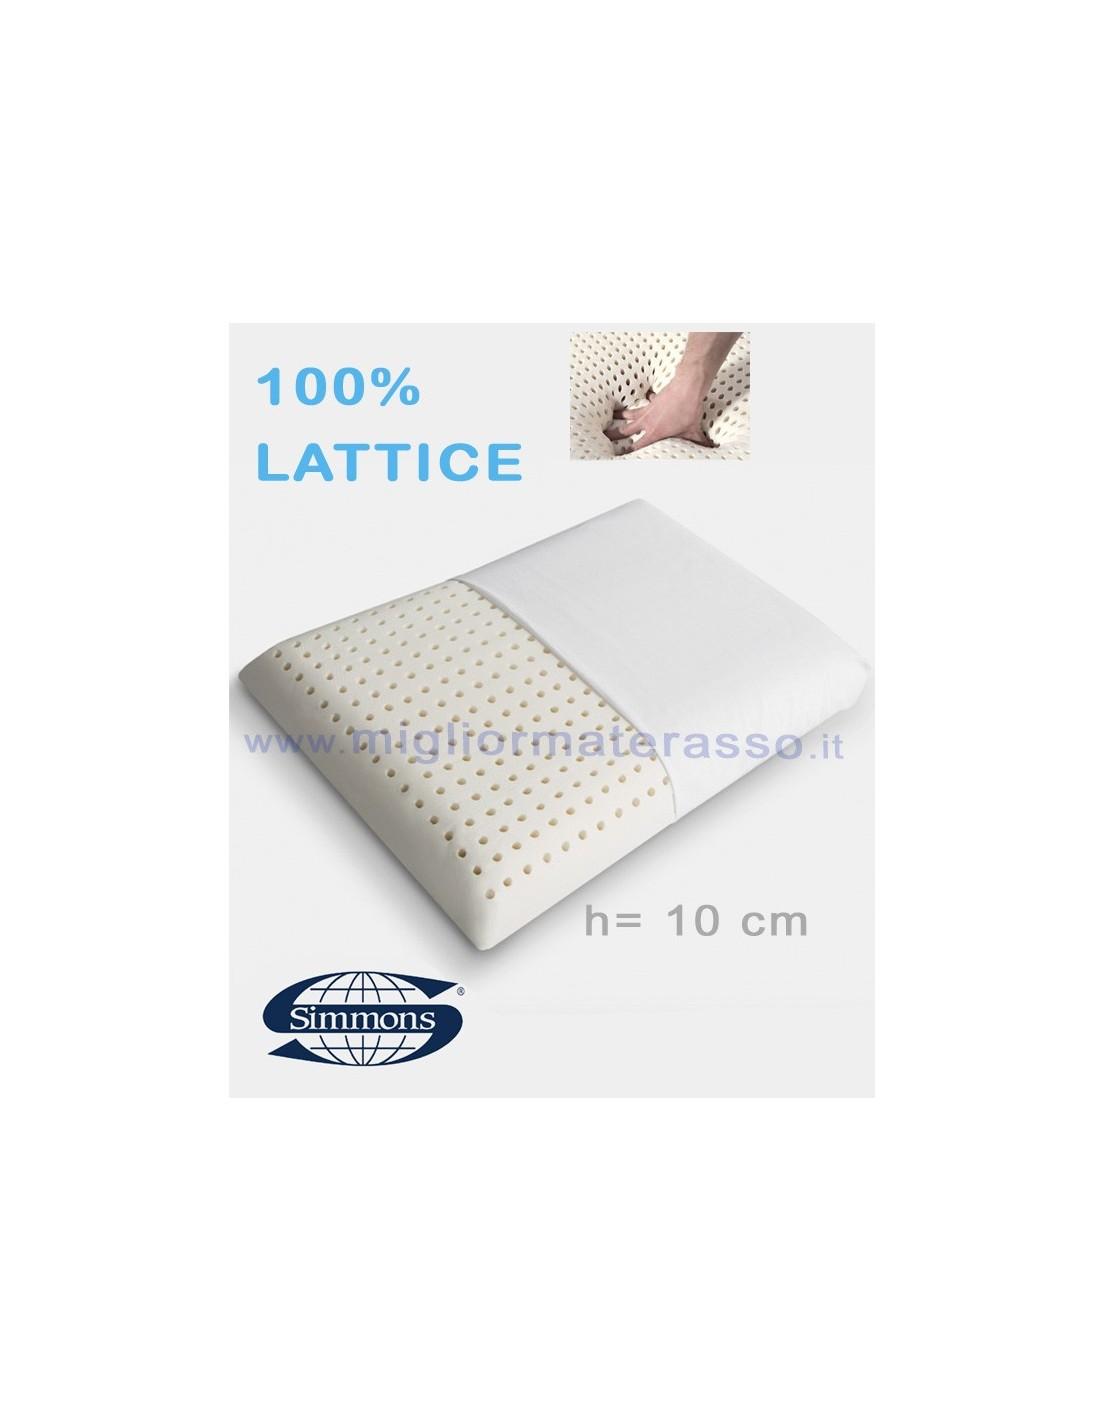 Cuscini lattice basso alto solo 10 cm adatto anche a